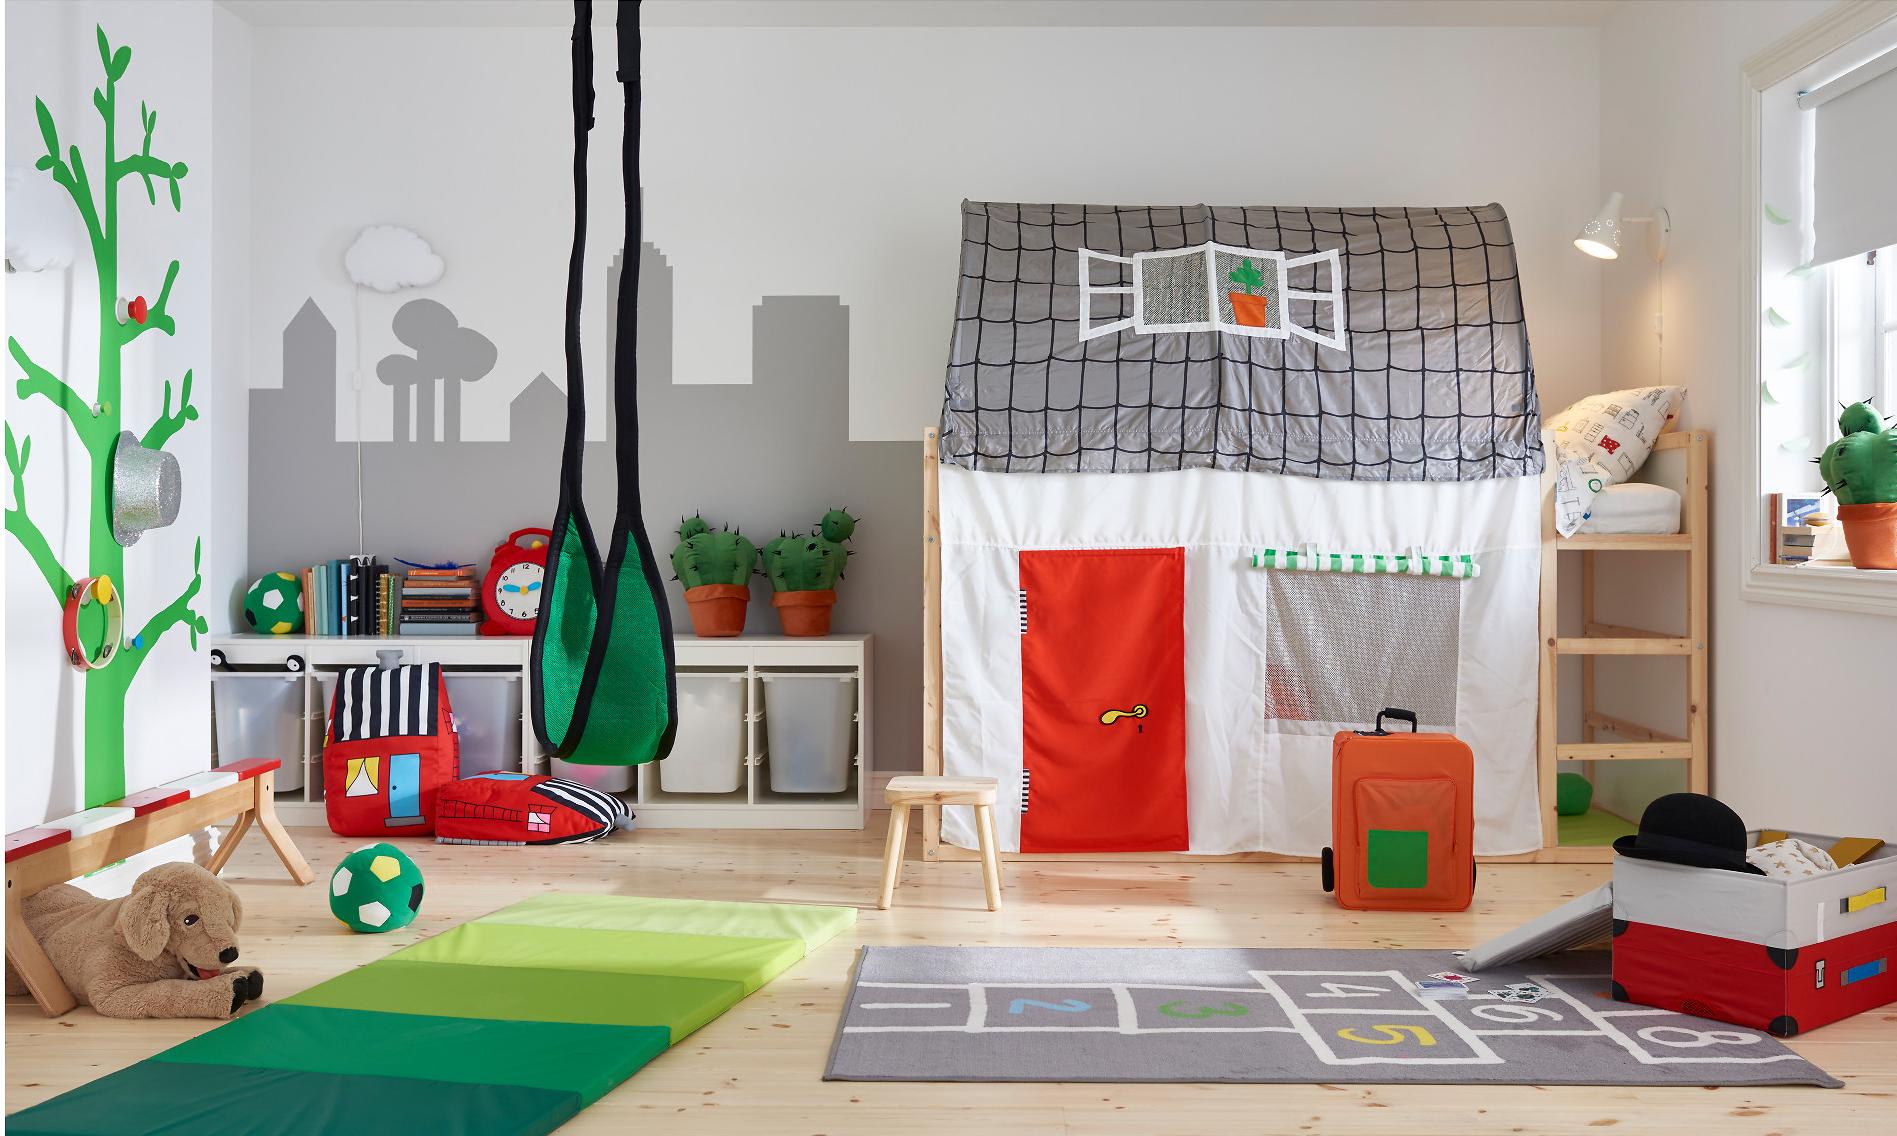 15 dise os de camas para dormir y jugar - Ikea cama alta ...